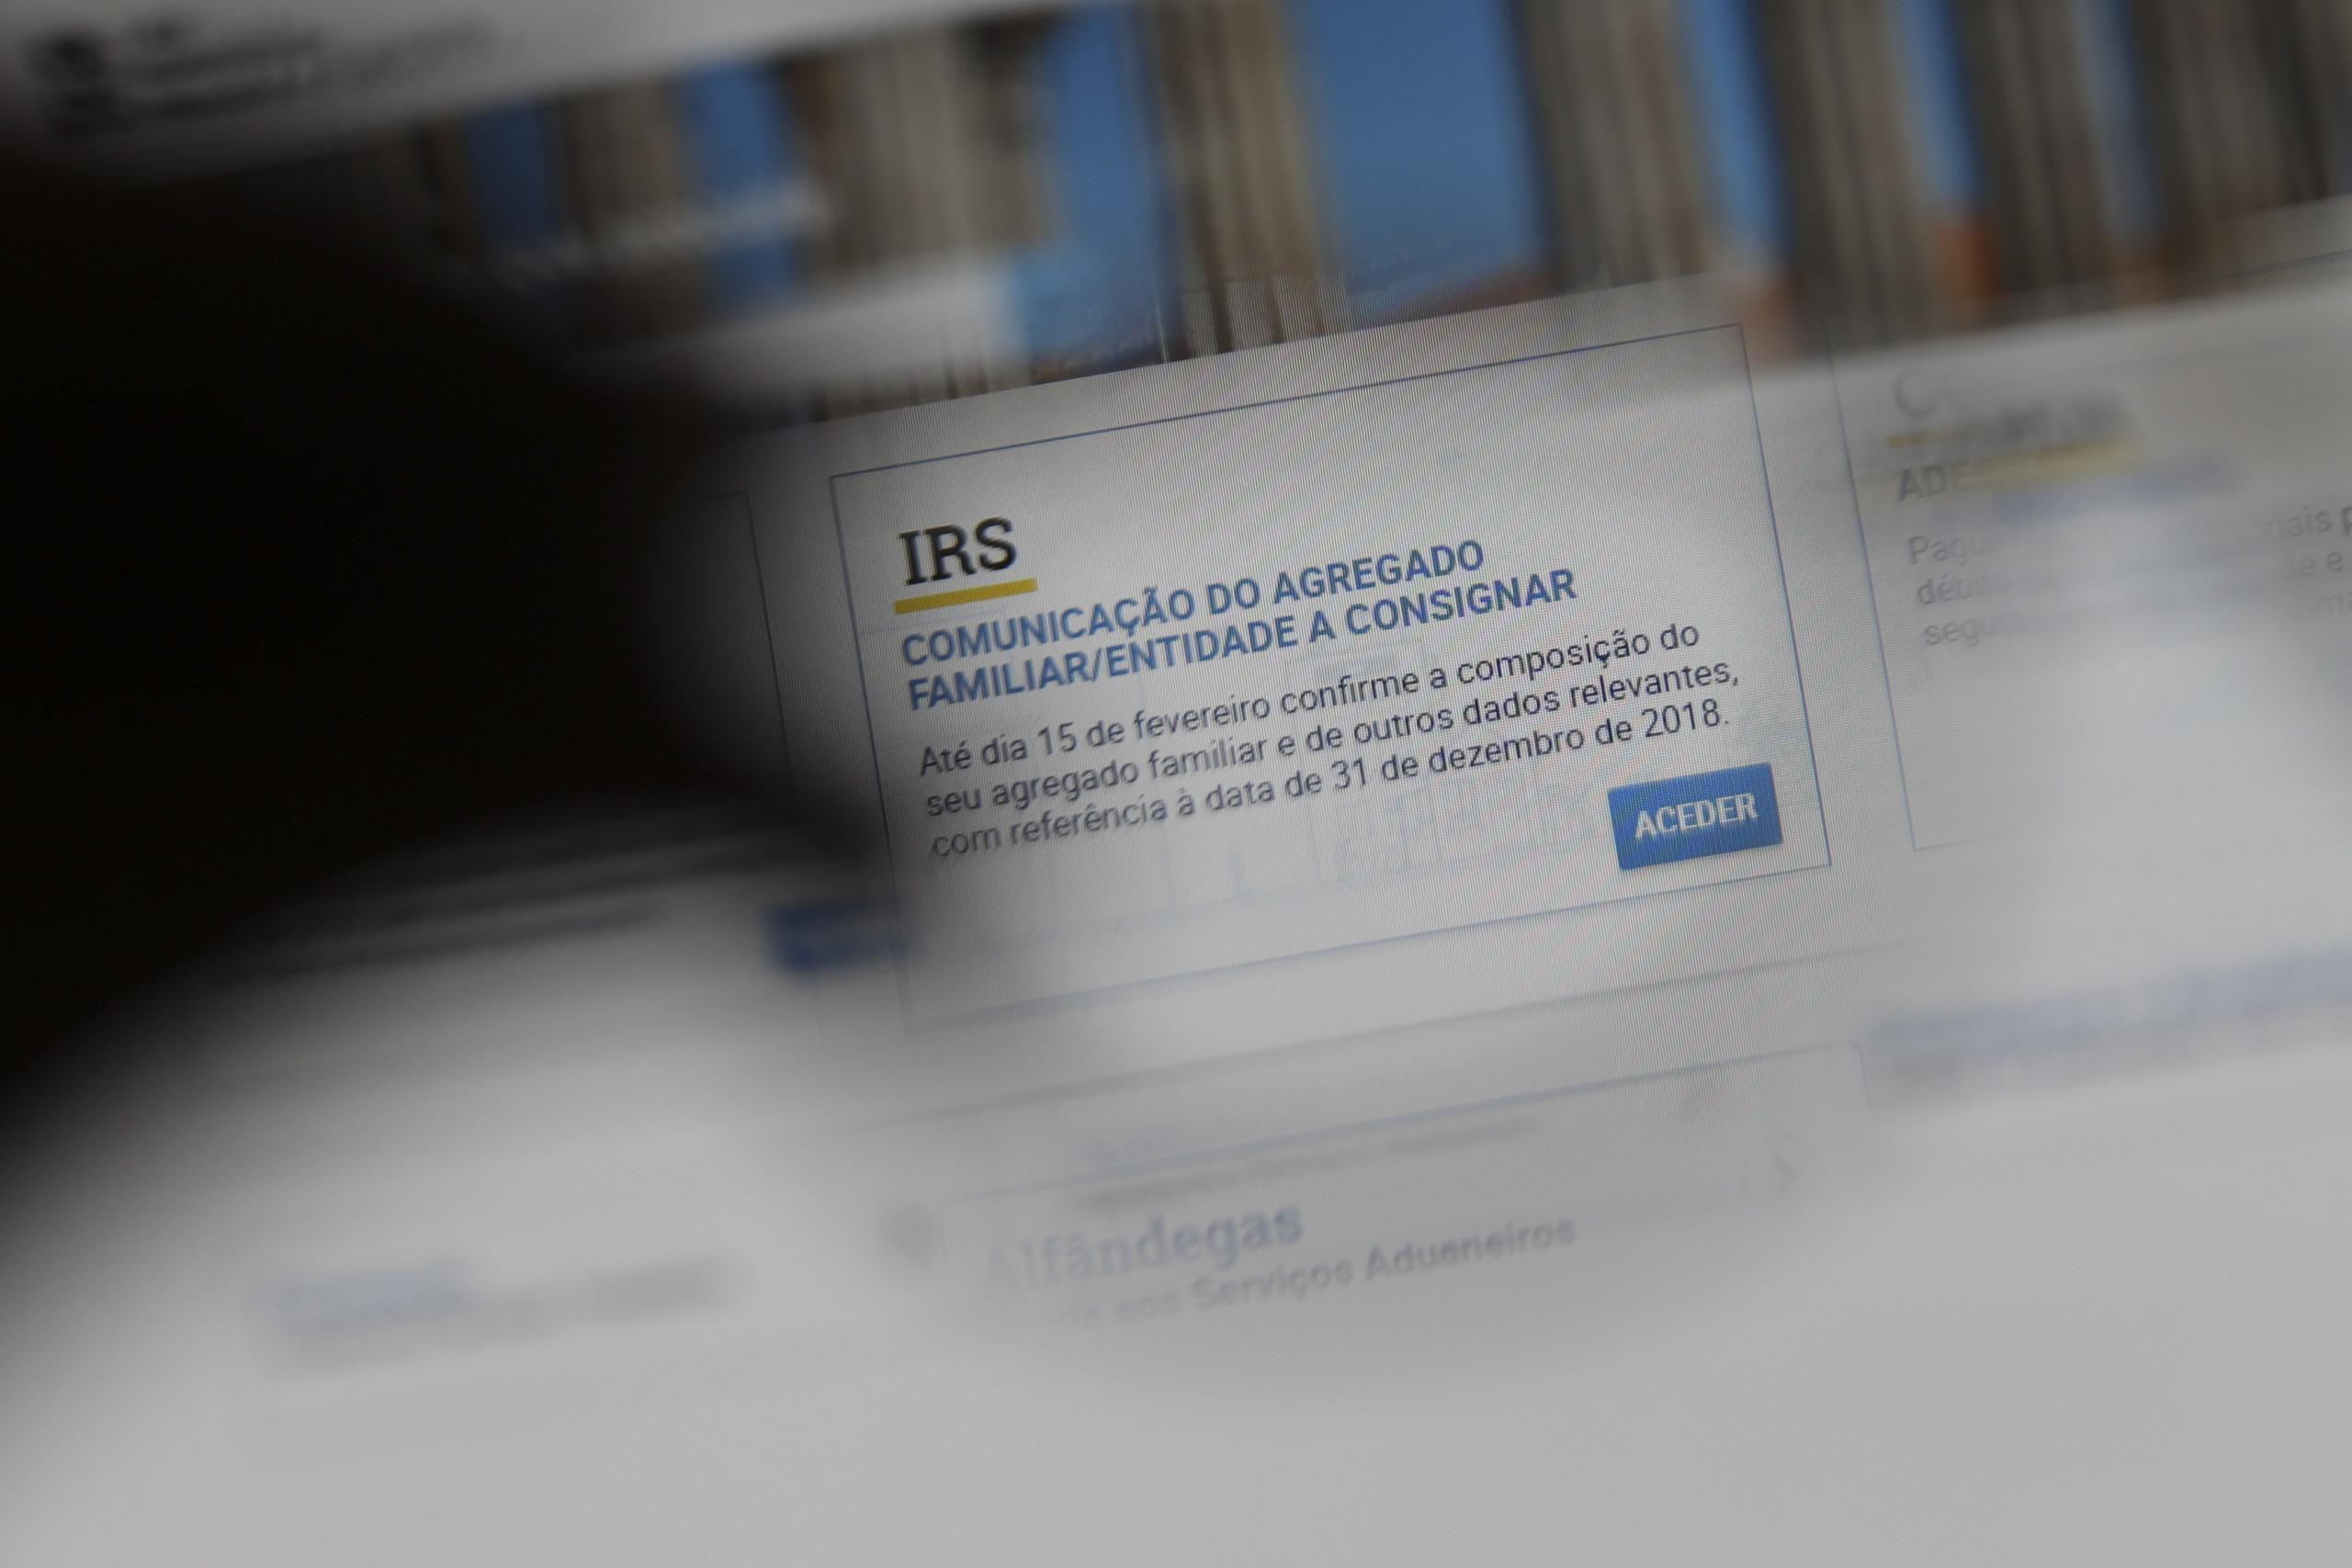 Filhos até 25 anos e rendimentos até 8.120 euros entram no IRS dos pais